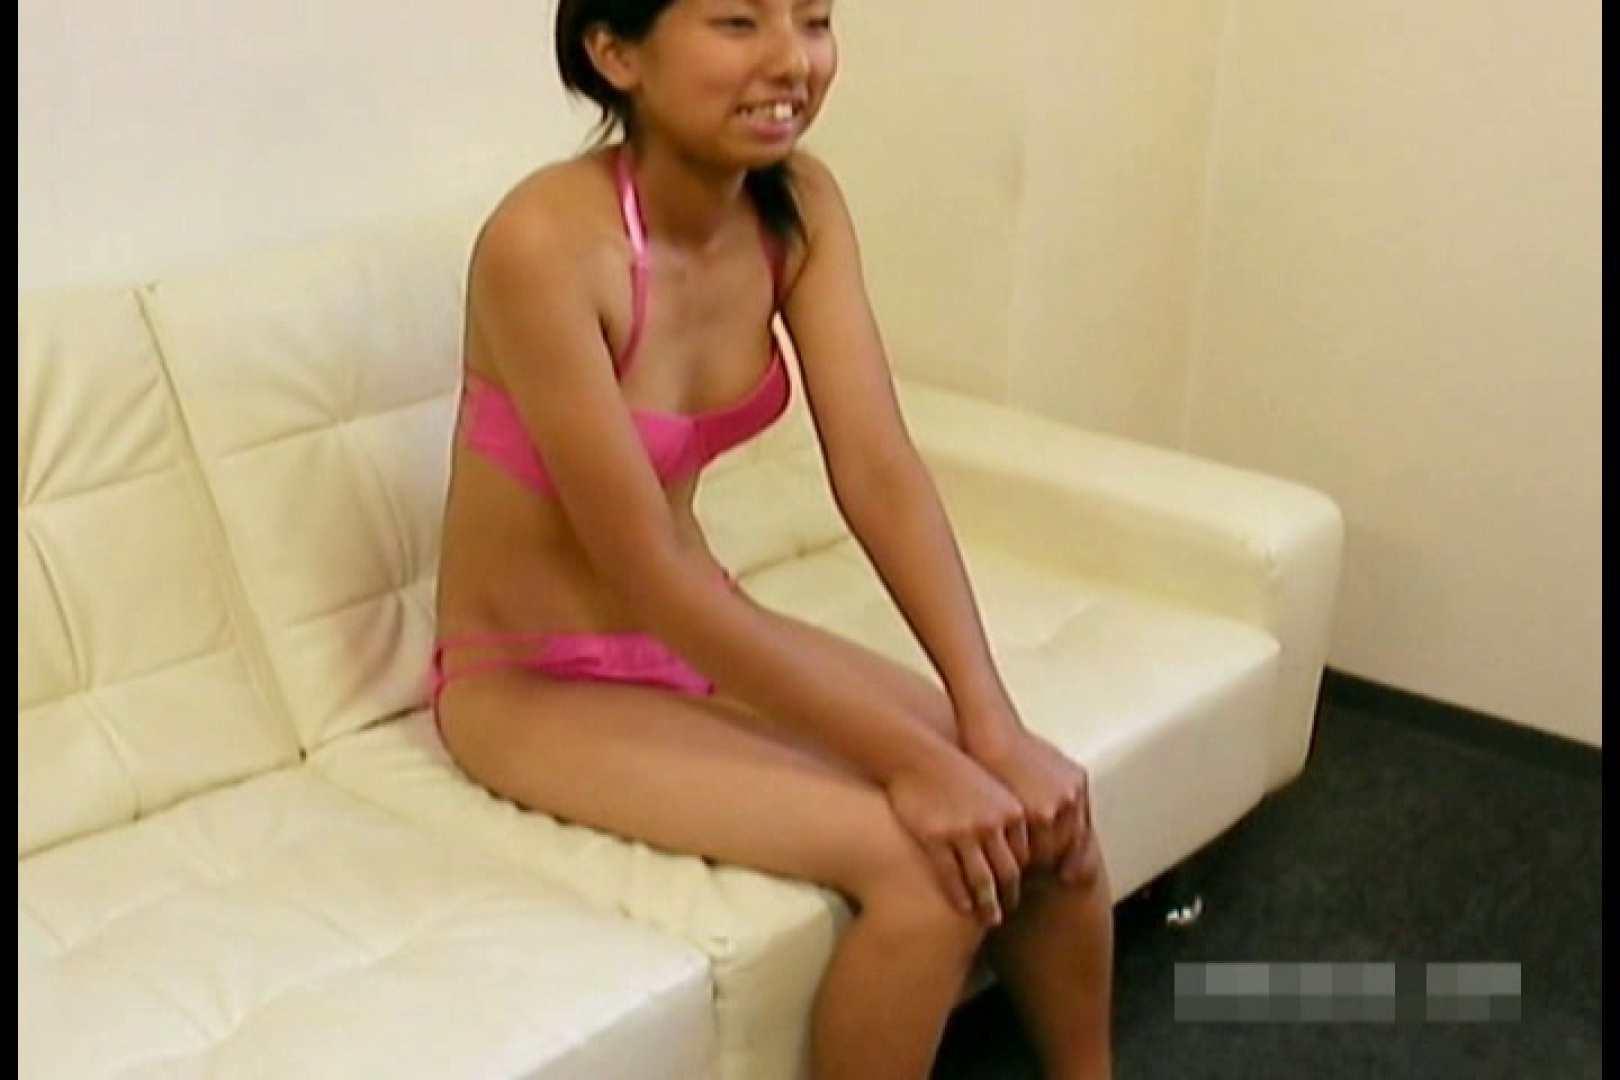 素人撮影 下着だけの撮影のはずが・・・エミちゃん18歳 おっぱい  44連発 15